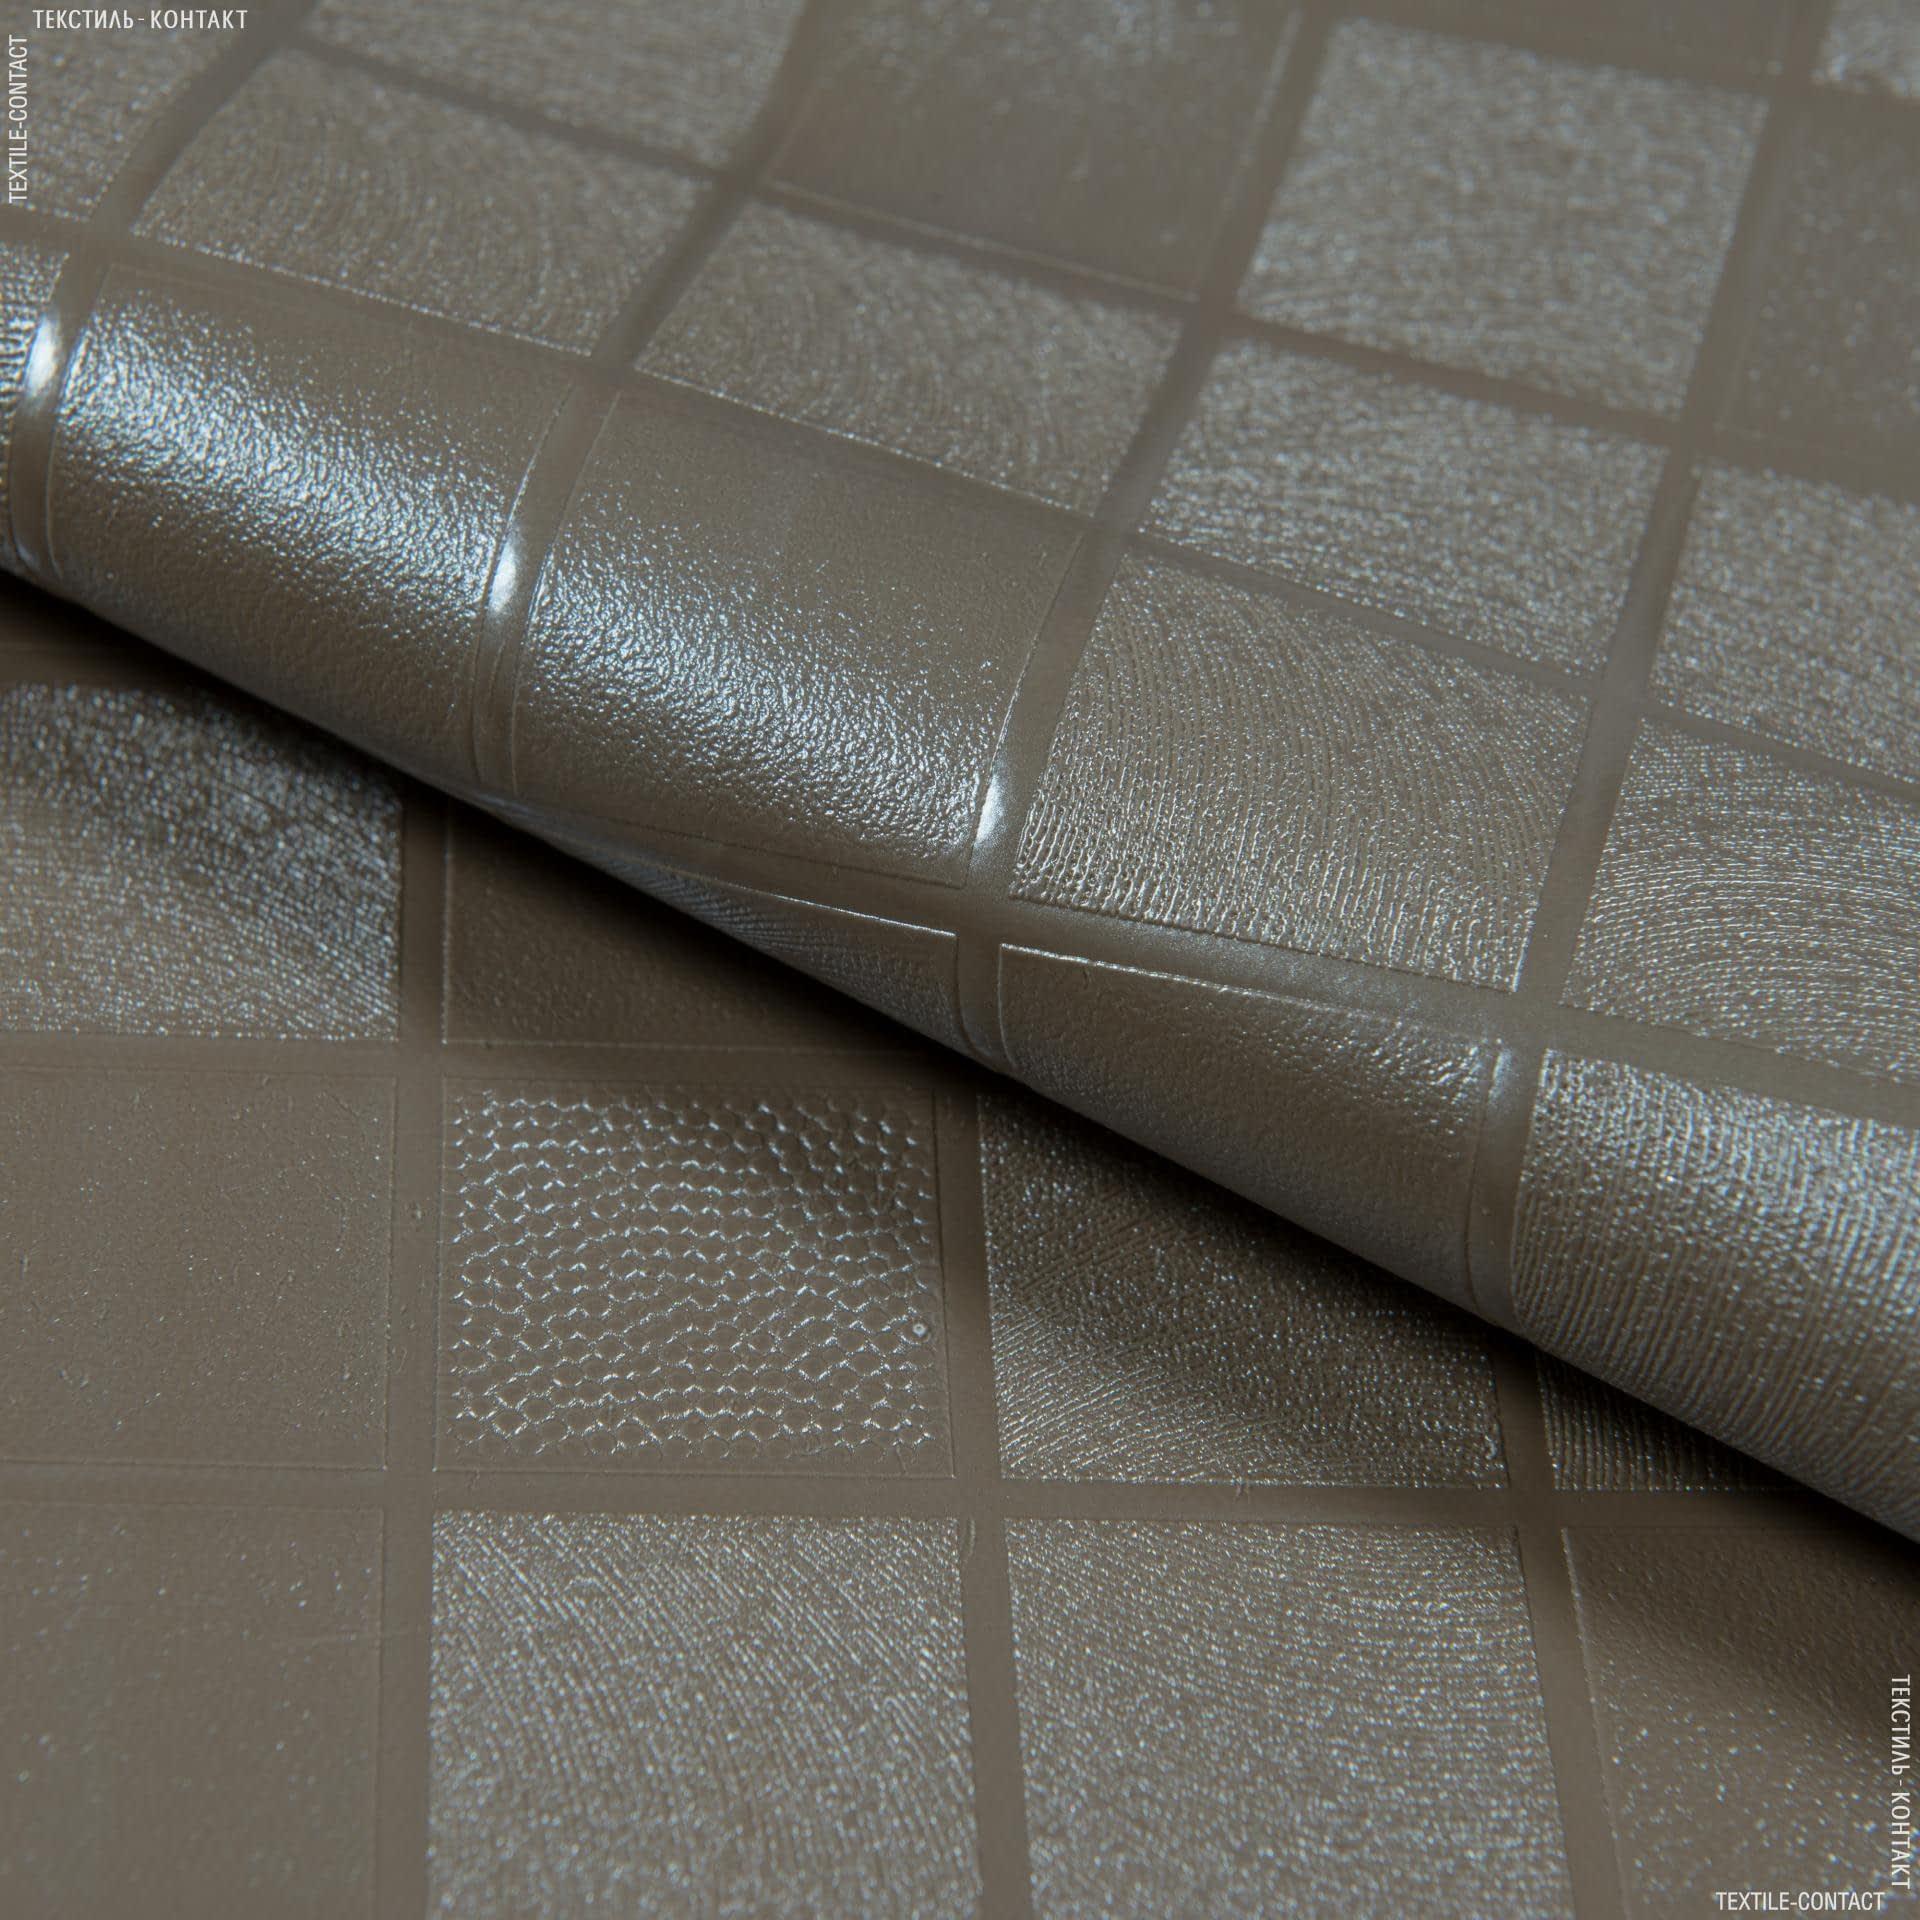 Тканини horeca - Скатертна плівка петра клітка кава